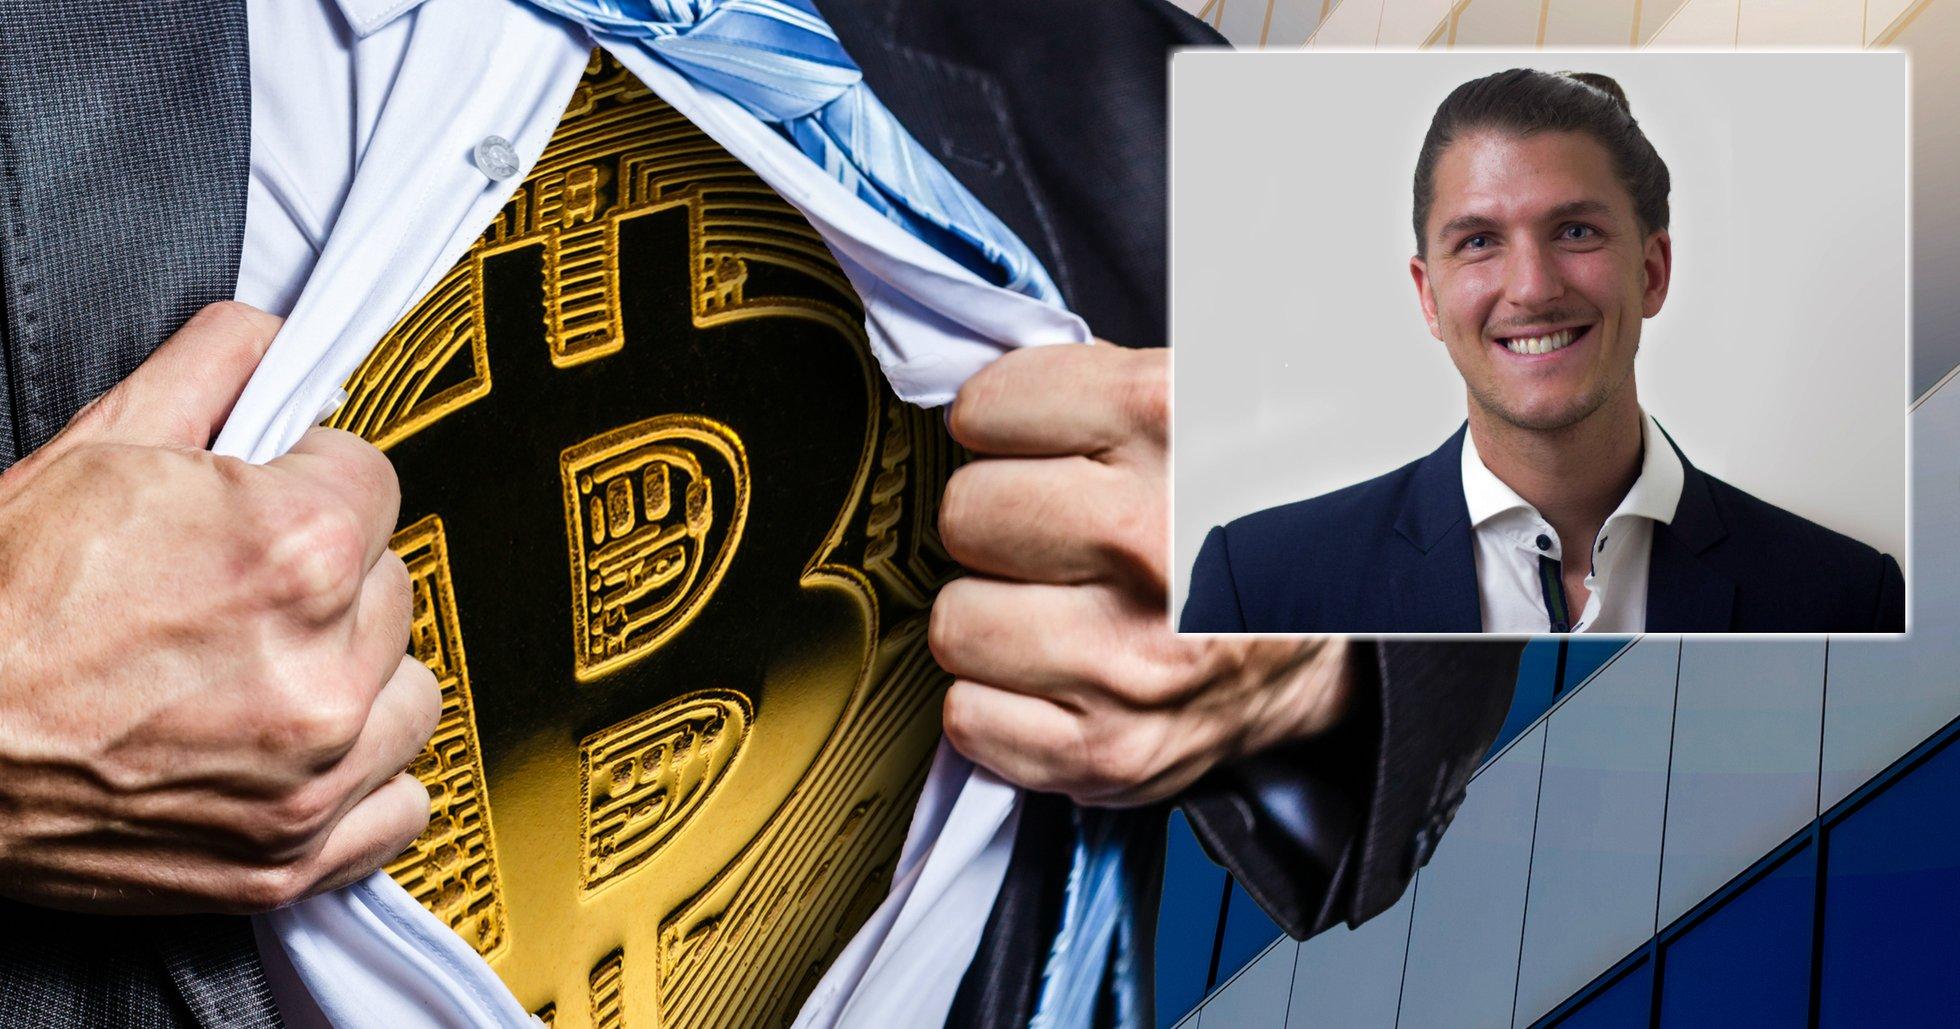 Analys: Bitcoinpriset rör sig högre och högre medan kryptomarknaden visar styrka.